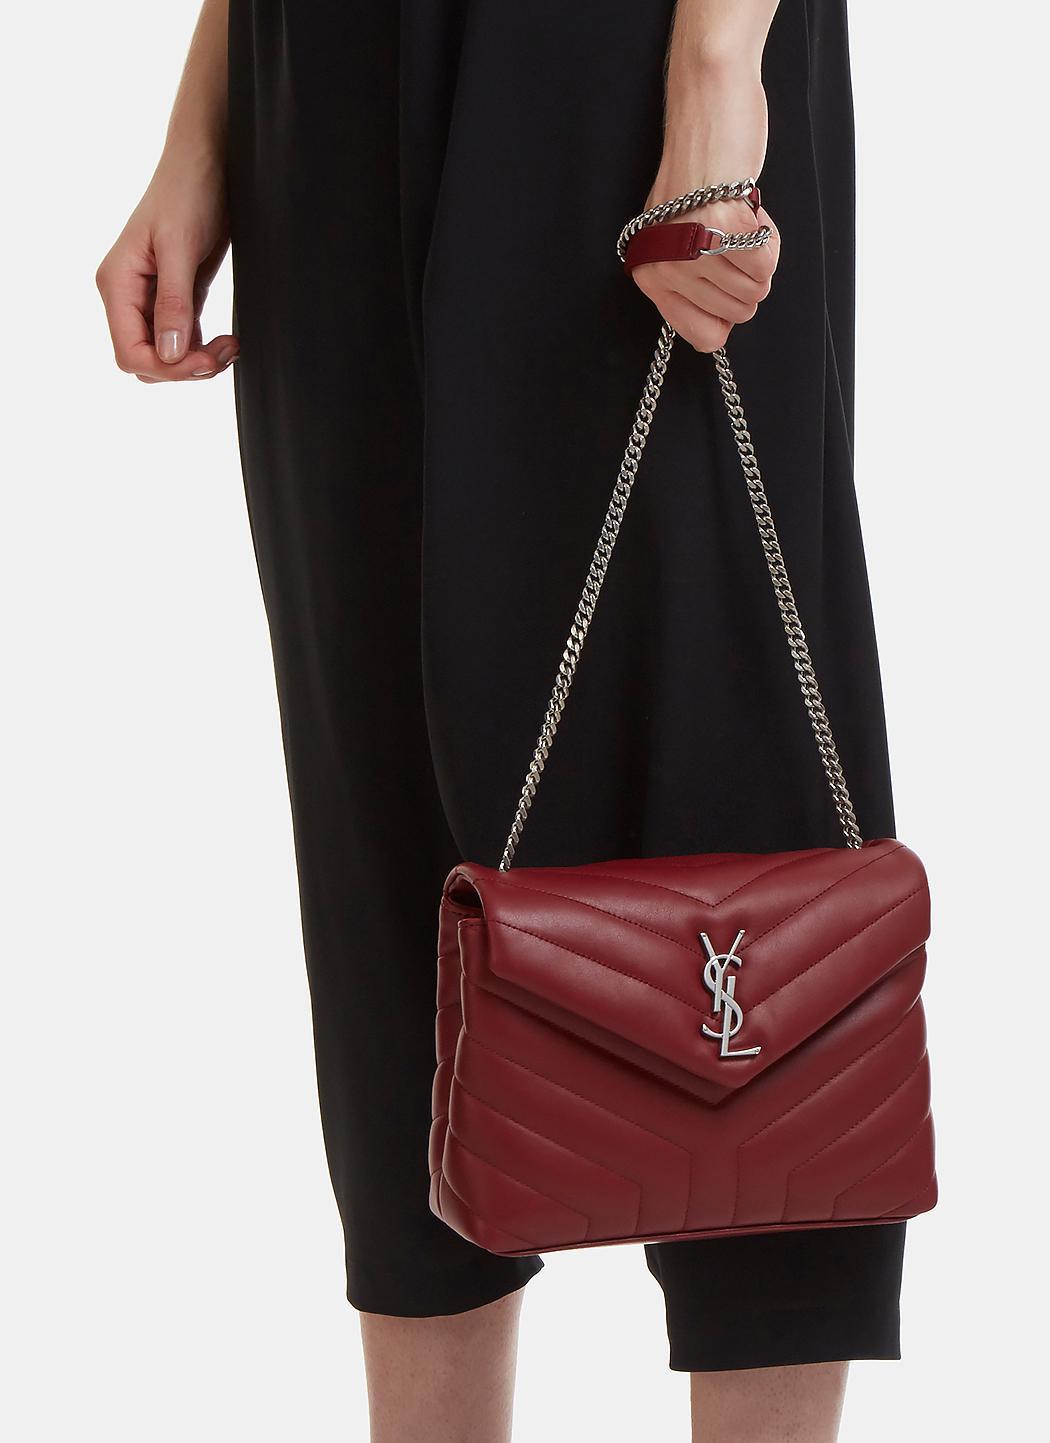 c7cd52152cf Medium Calfskin Bag   Neiman Marcus. Saint Laurent Loulou ...